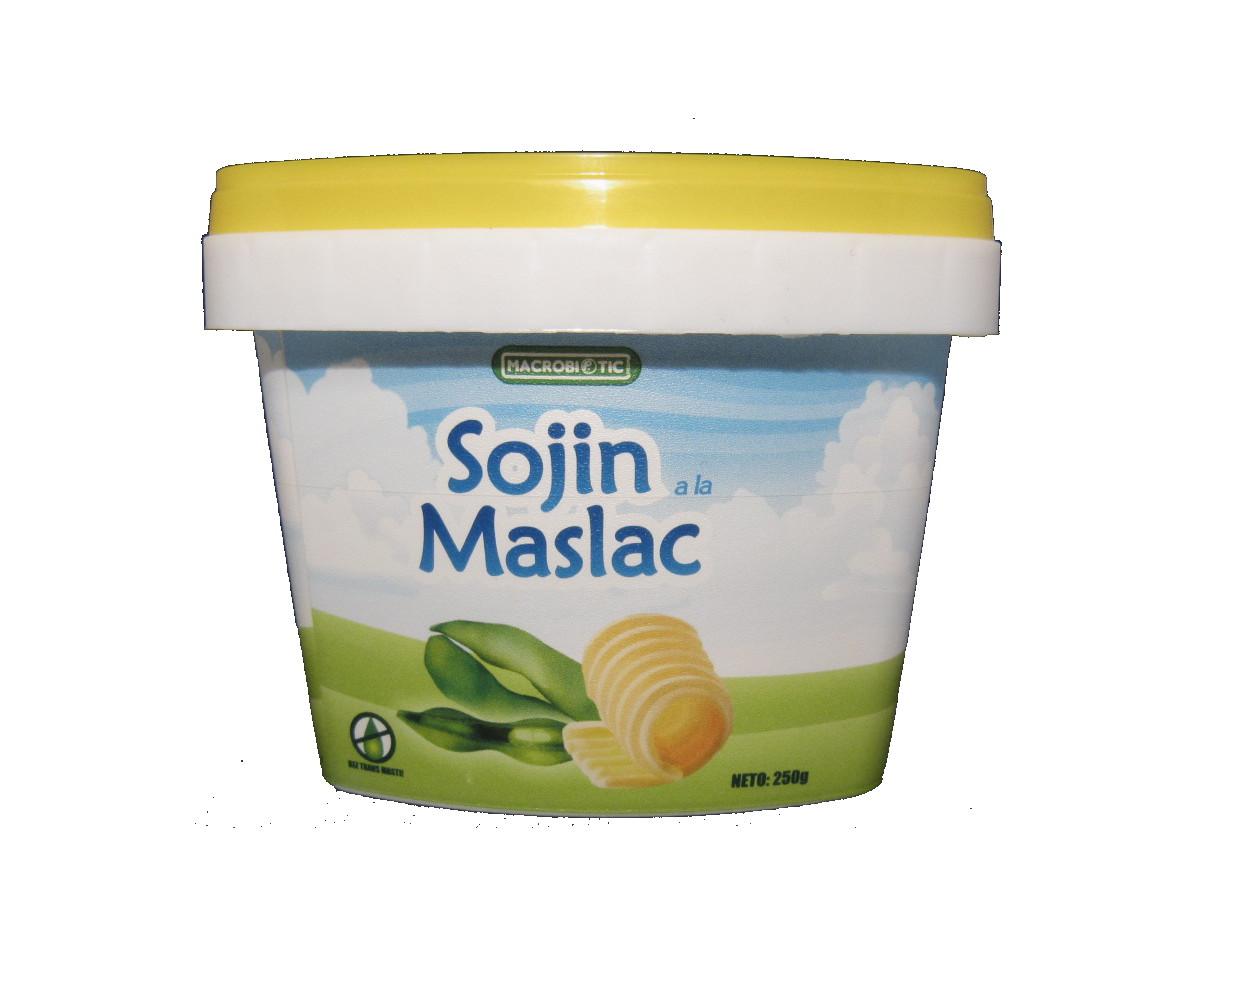 SOJIN MASLAC, 250g